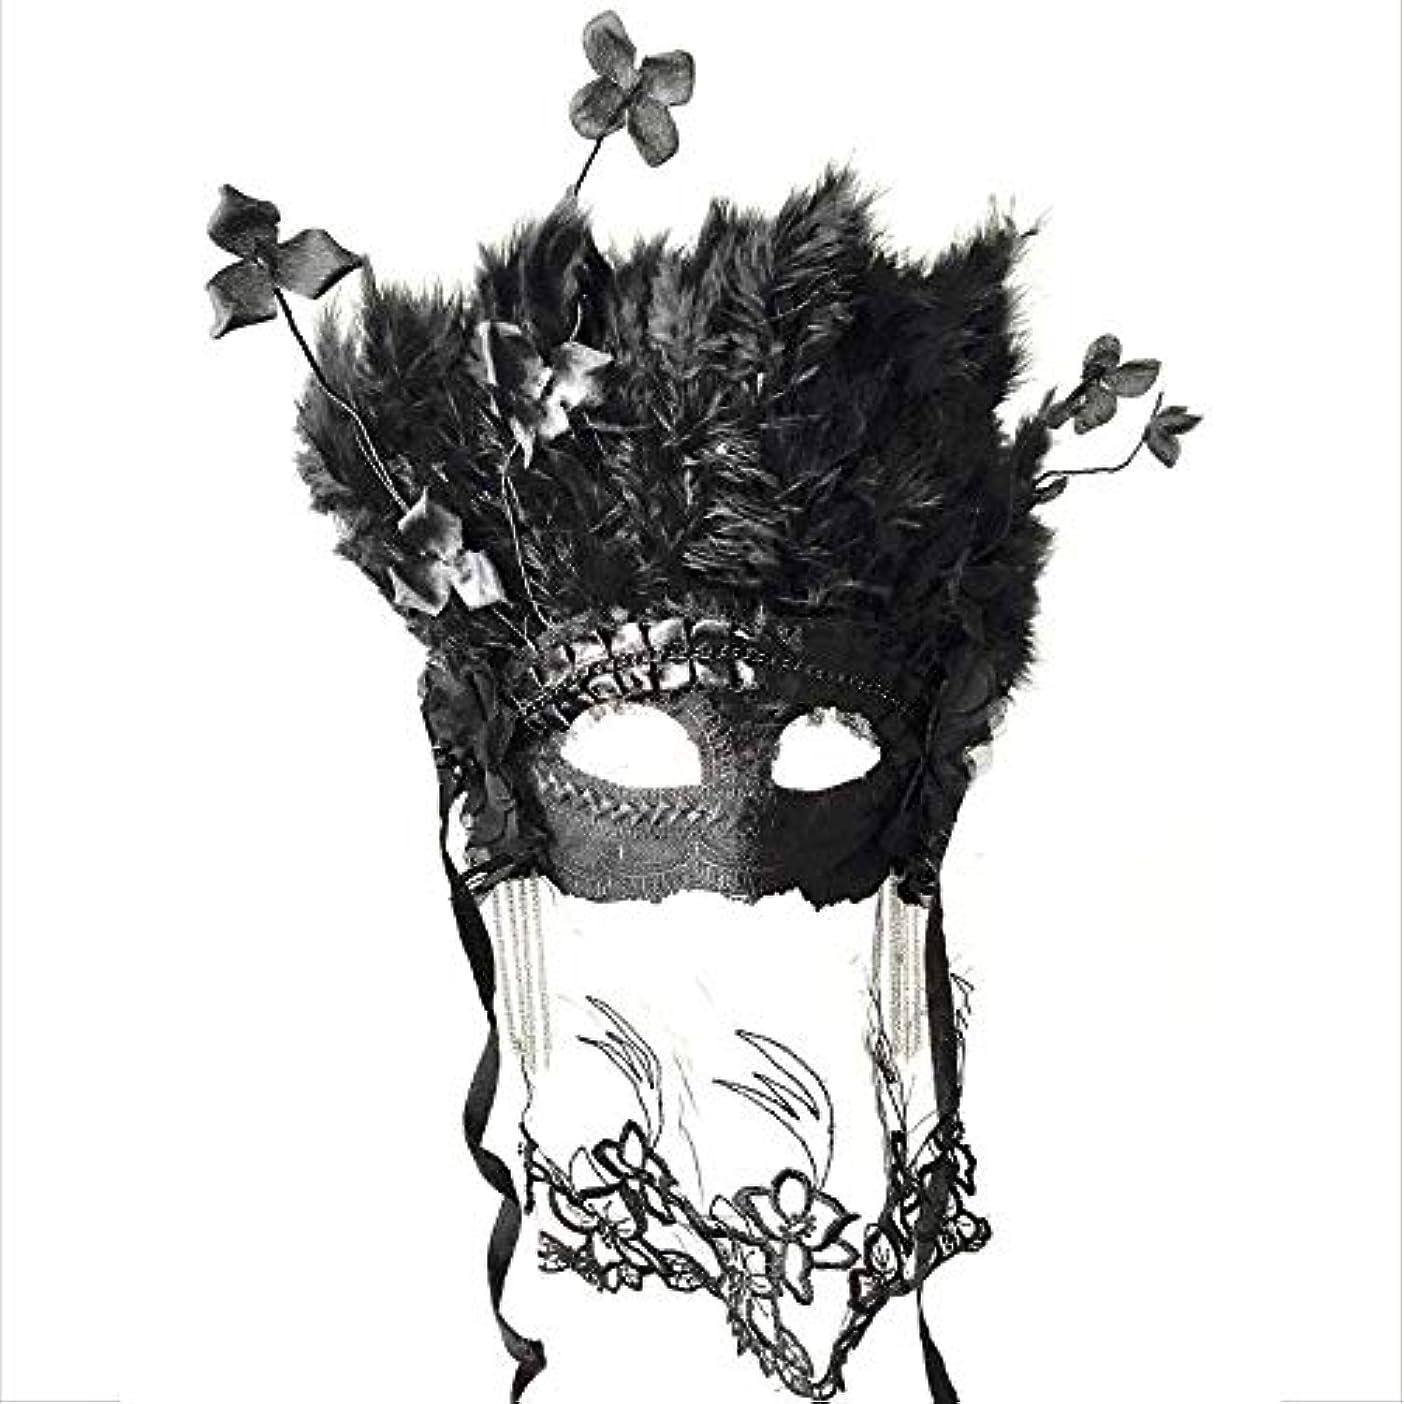 爆発する便宜司教Nanle ハロウィンクリスマスベールドライフラワーフェザータッセルマスク仮装マスクレディミスプリンセス美容祭パーティーデコレーションマスク